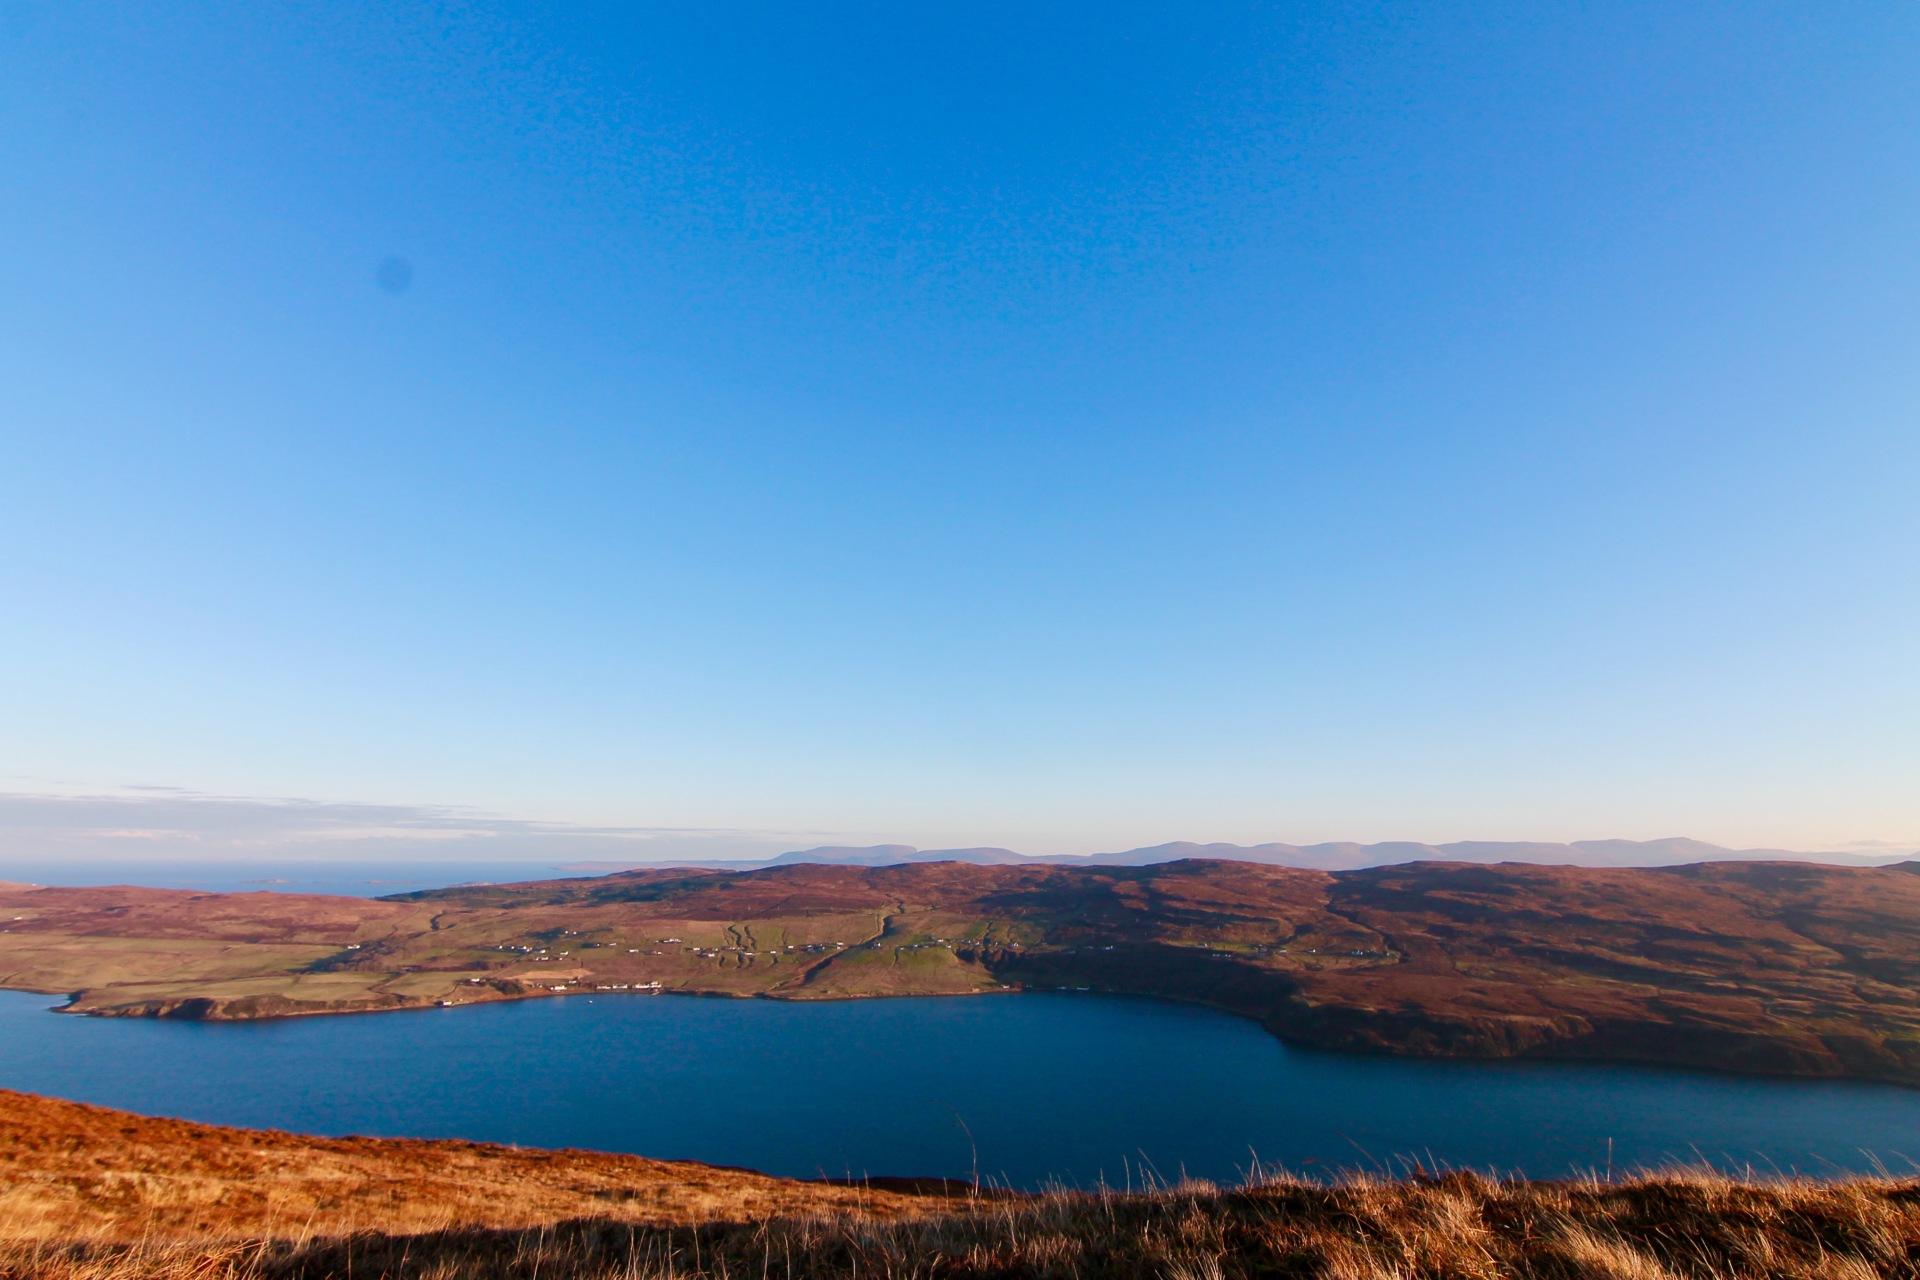 Across the loch from Beinn Bhreac